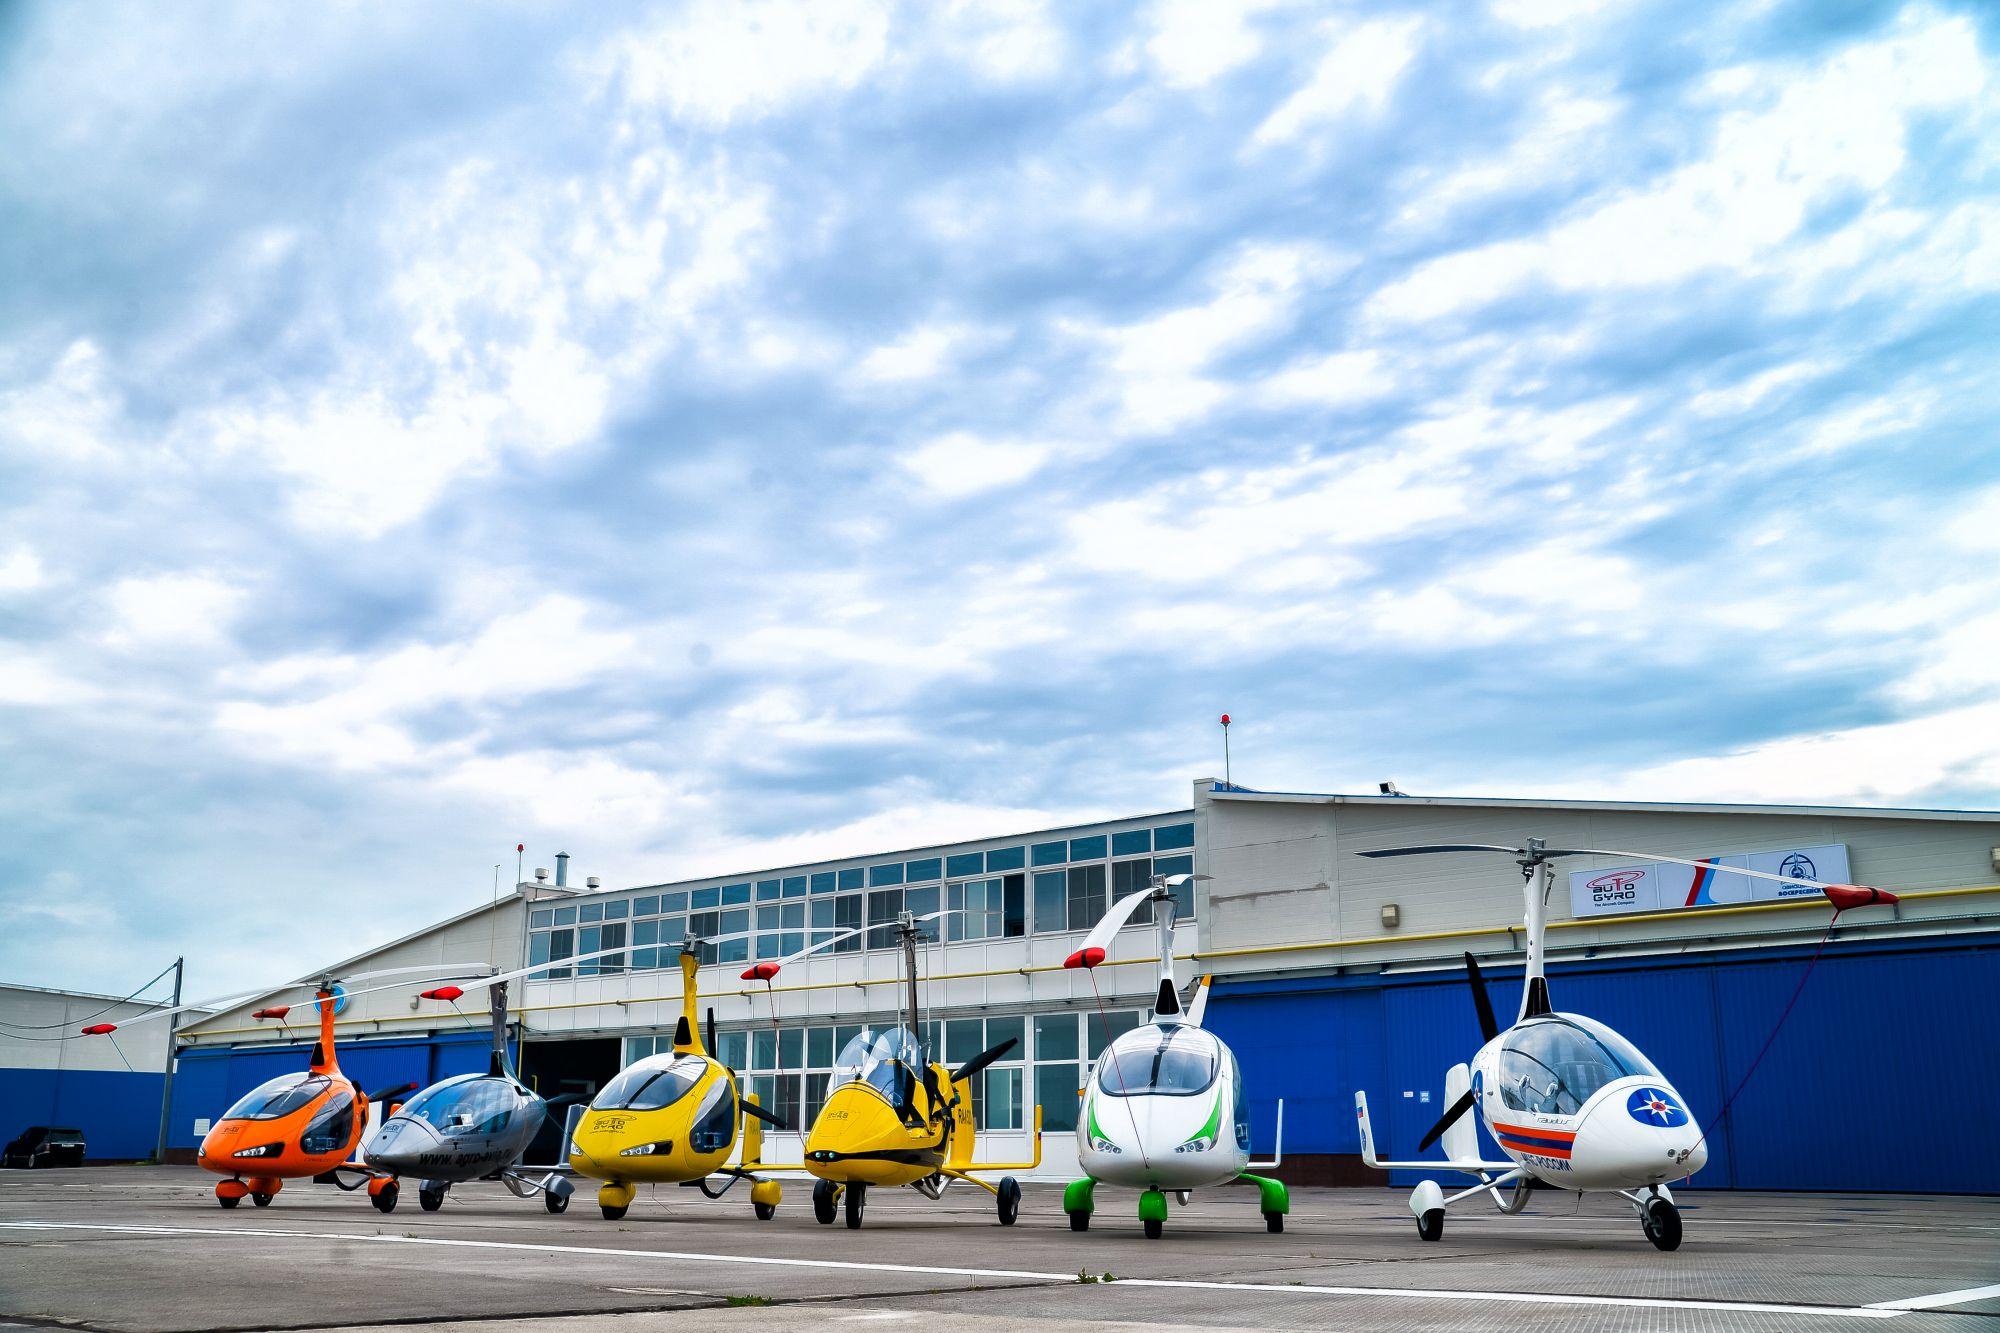 растолочь деревянной авиацентр воскресенск спортивный самолет фото обряда освящения